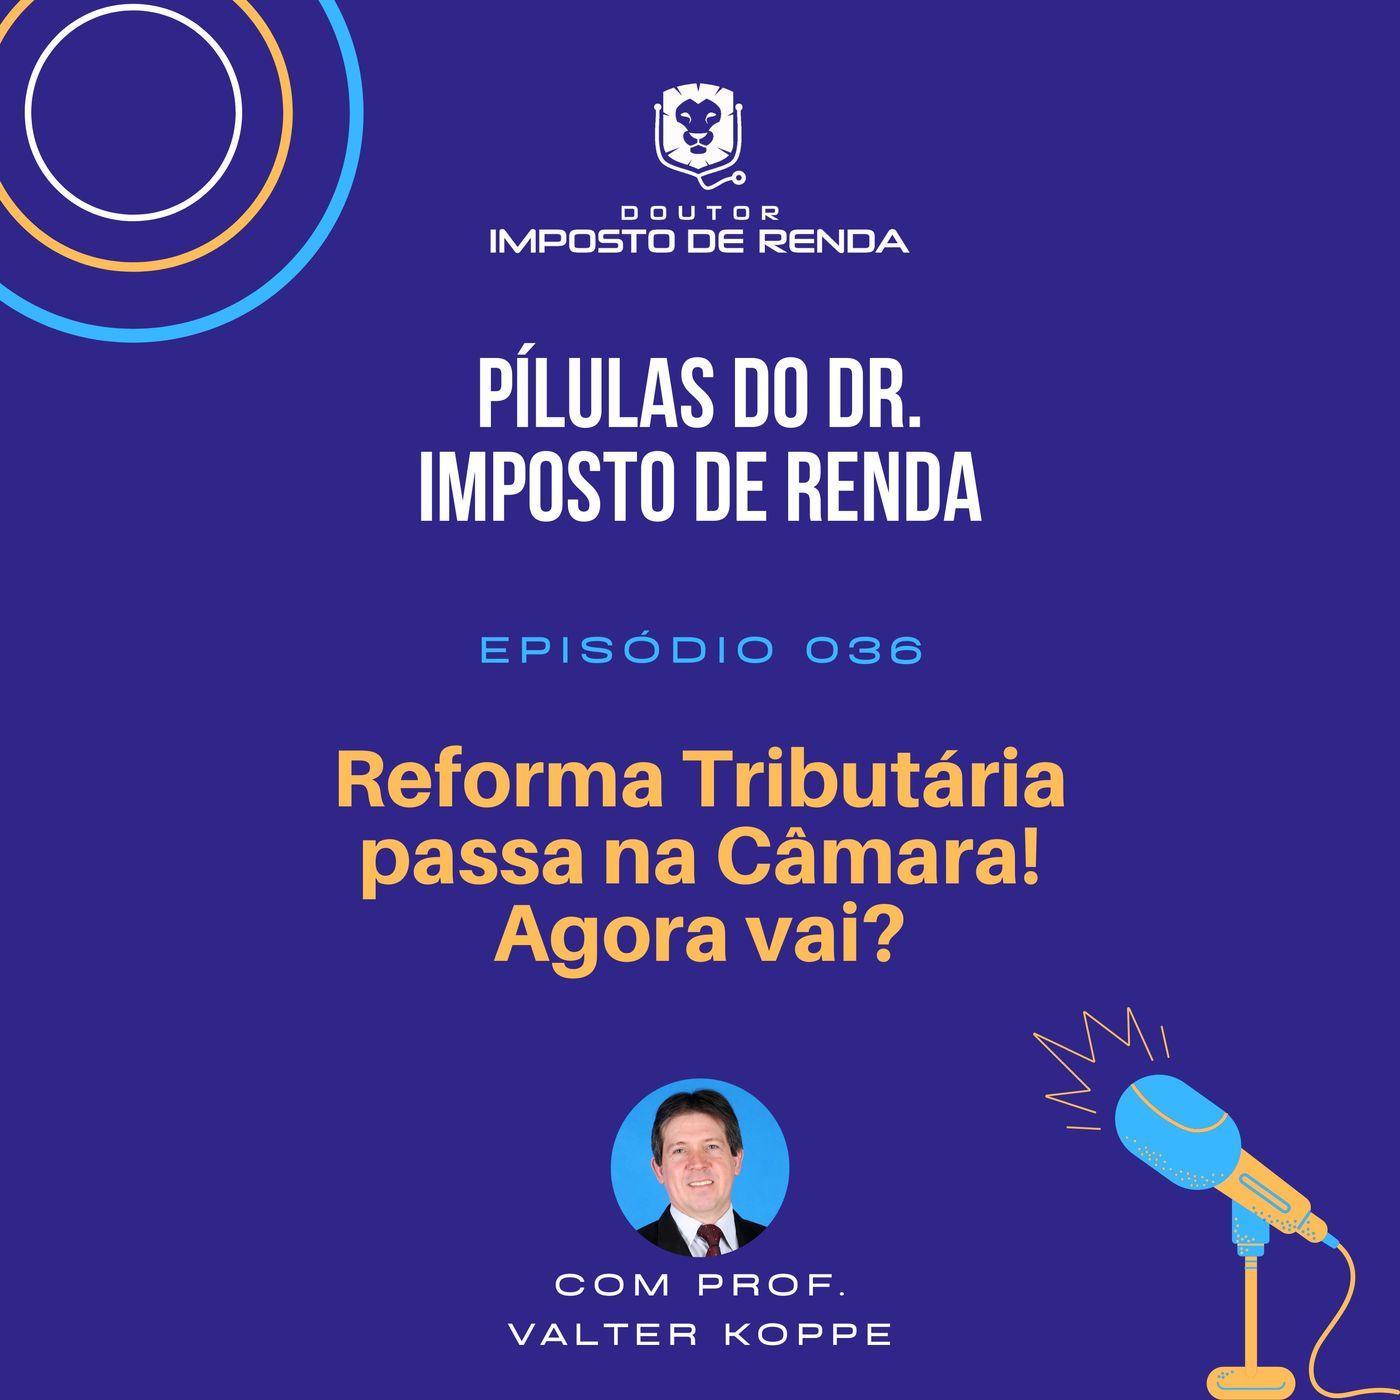 PDIR #036 – Reforma Tributária passa na Câmara! Agora vai?